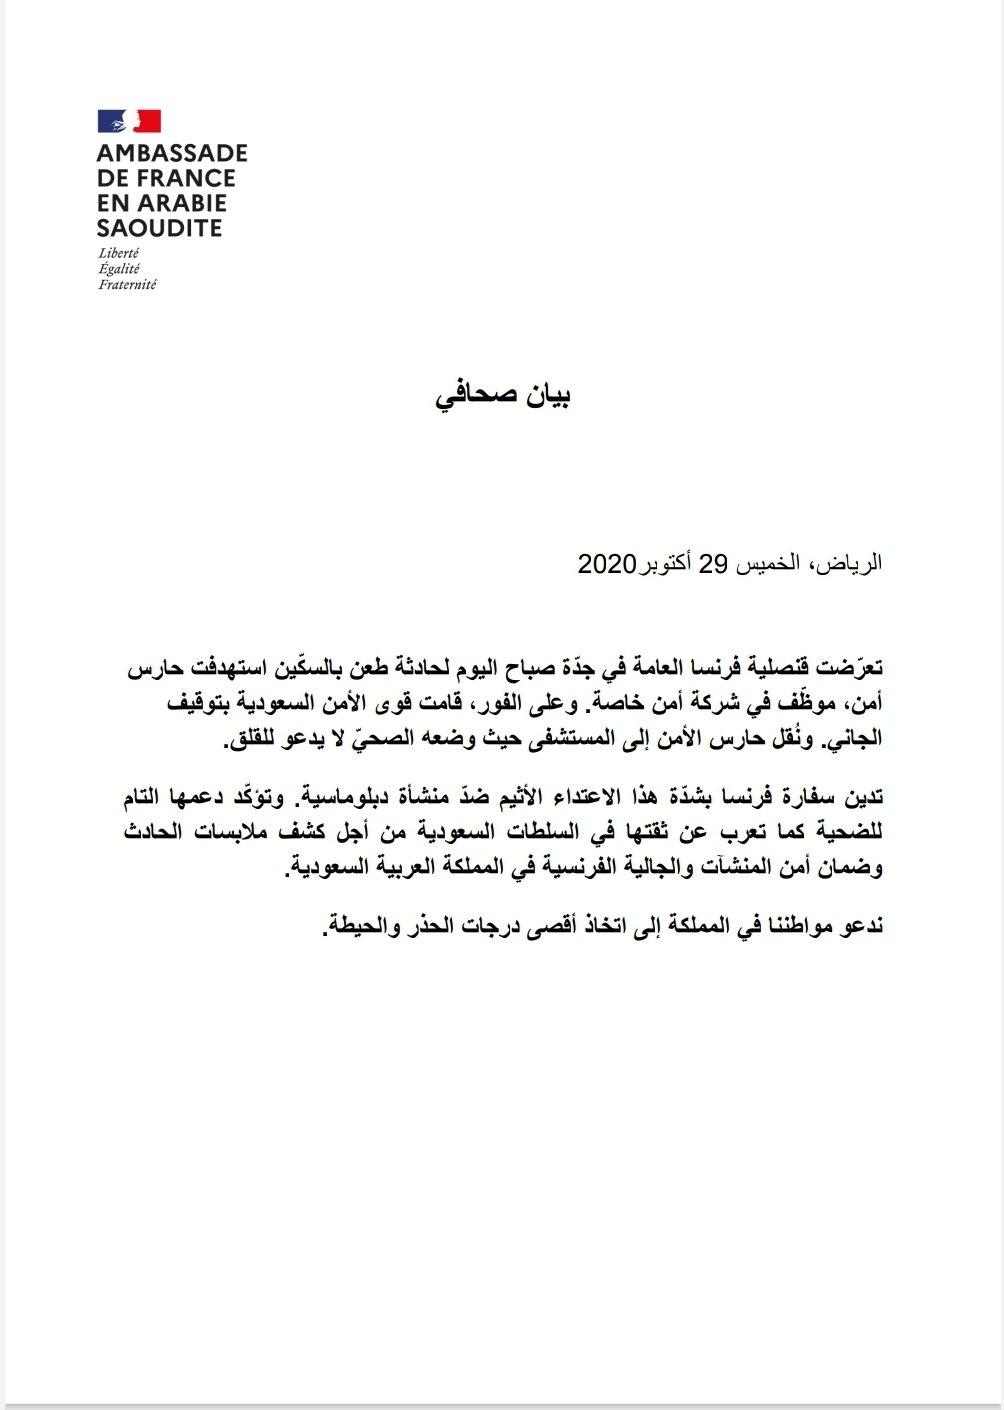 عاجل  بيان السفارة الفرنسية بعد حادث الطعن بقنصليتها في جدة بالسعودية وتطالب رعاياها بالحذر 2